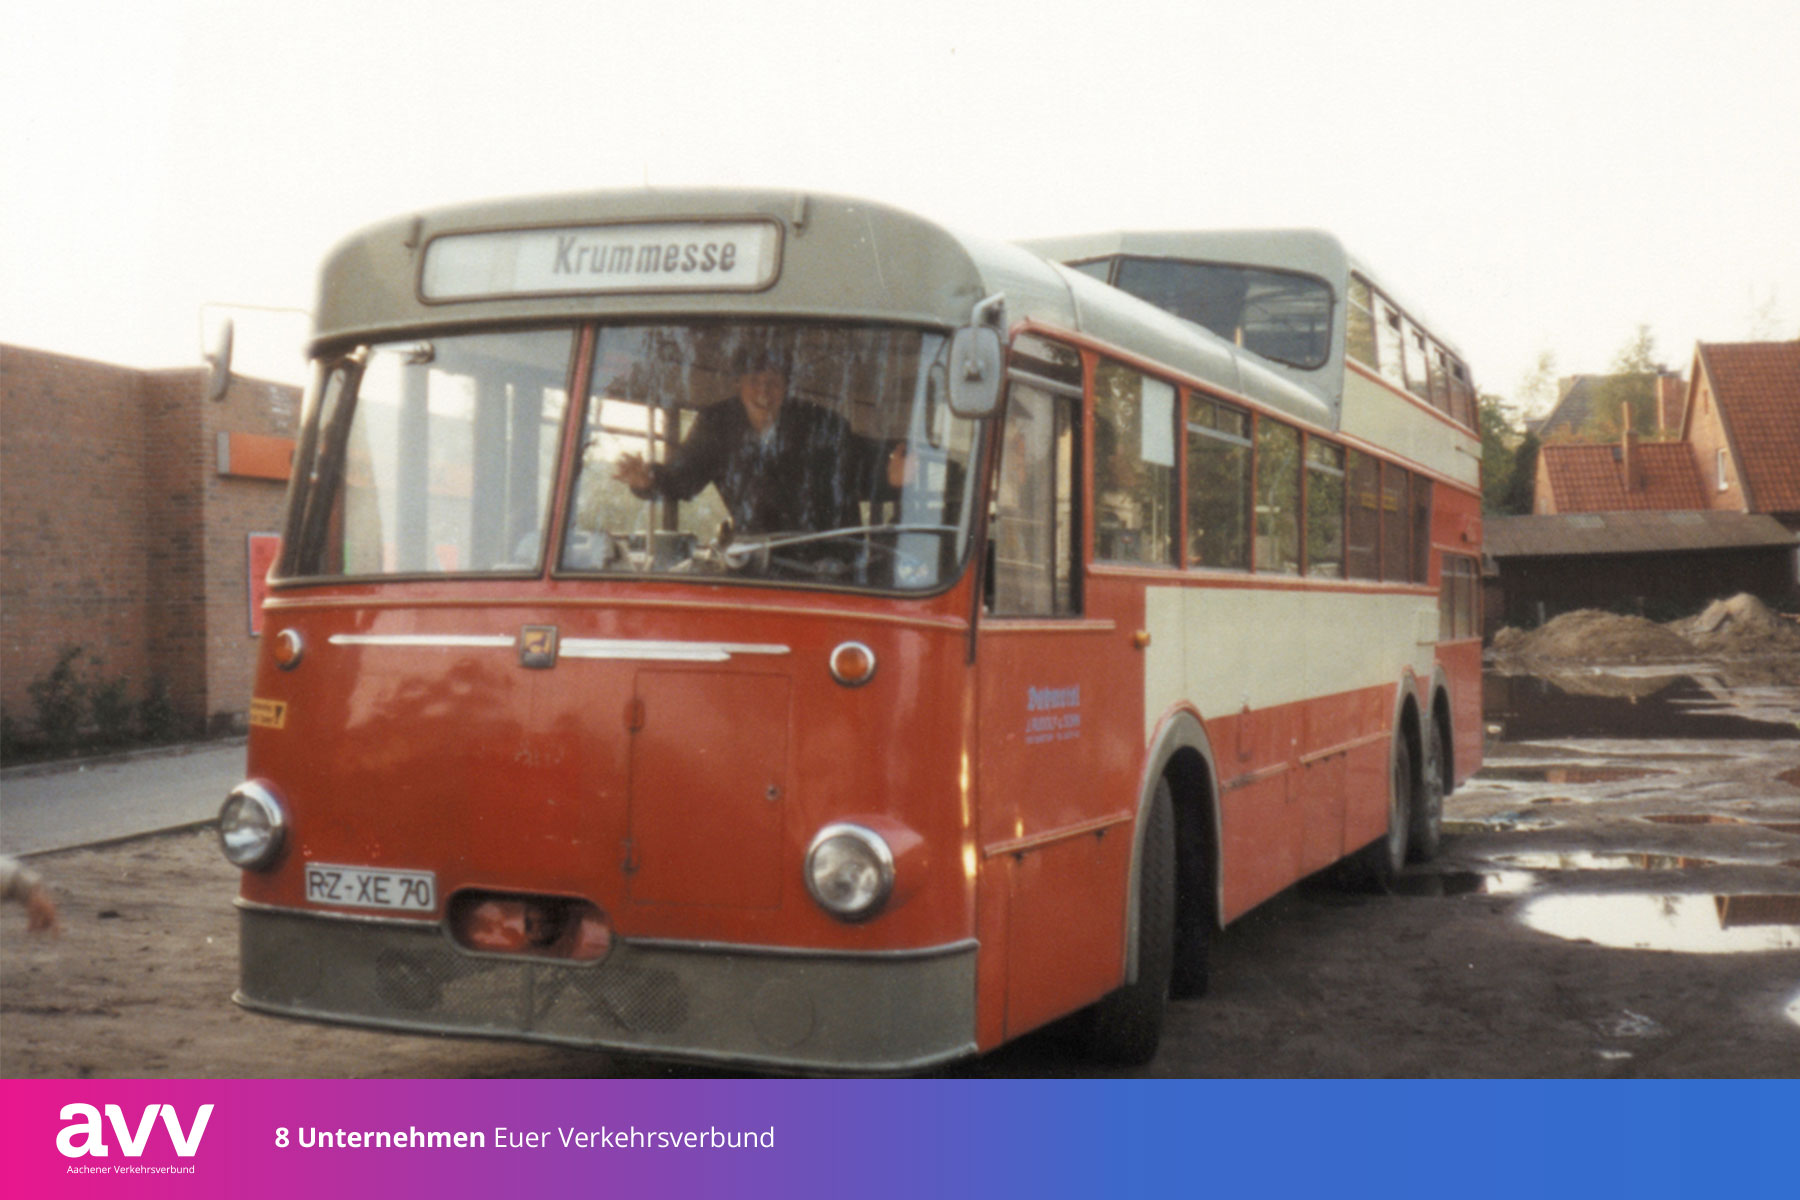 ASEAG-met-haldekker-1977-tot-1983--nr-198-tot-205--2